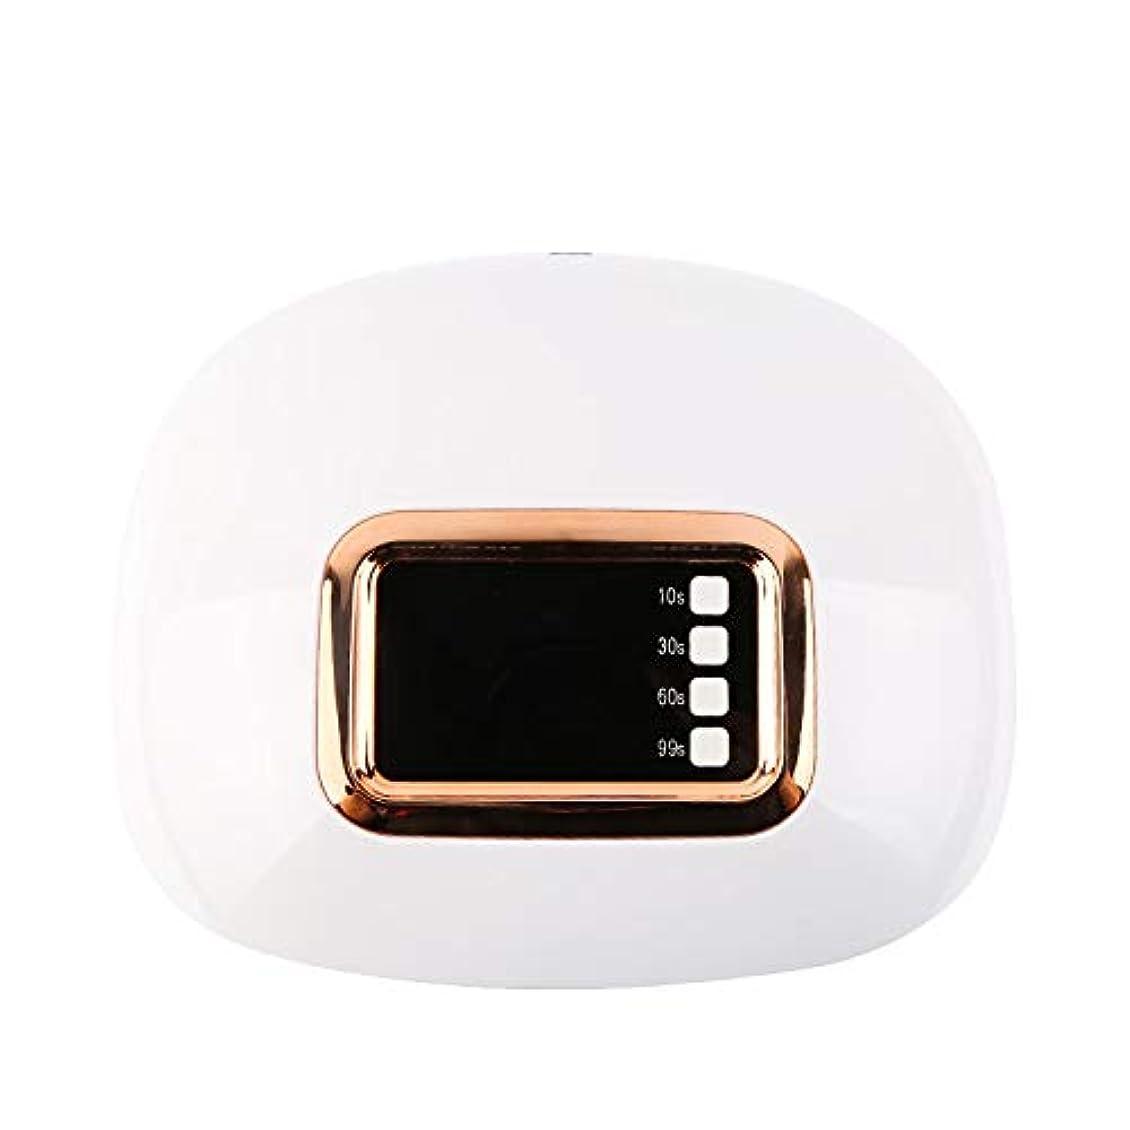 アストロラーベ行為リッチ4つのタイマーおよびシェラックおよびゲルの釘のためのデジタル表示装置が付いている専門の紫外線およびLEDの釘ライトおよび釘のドライヤー